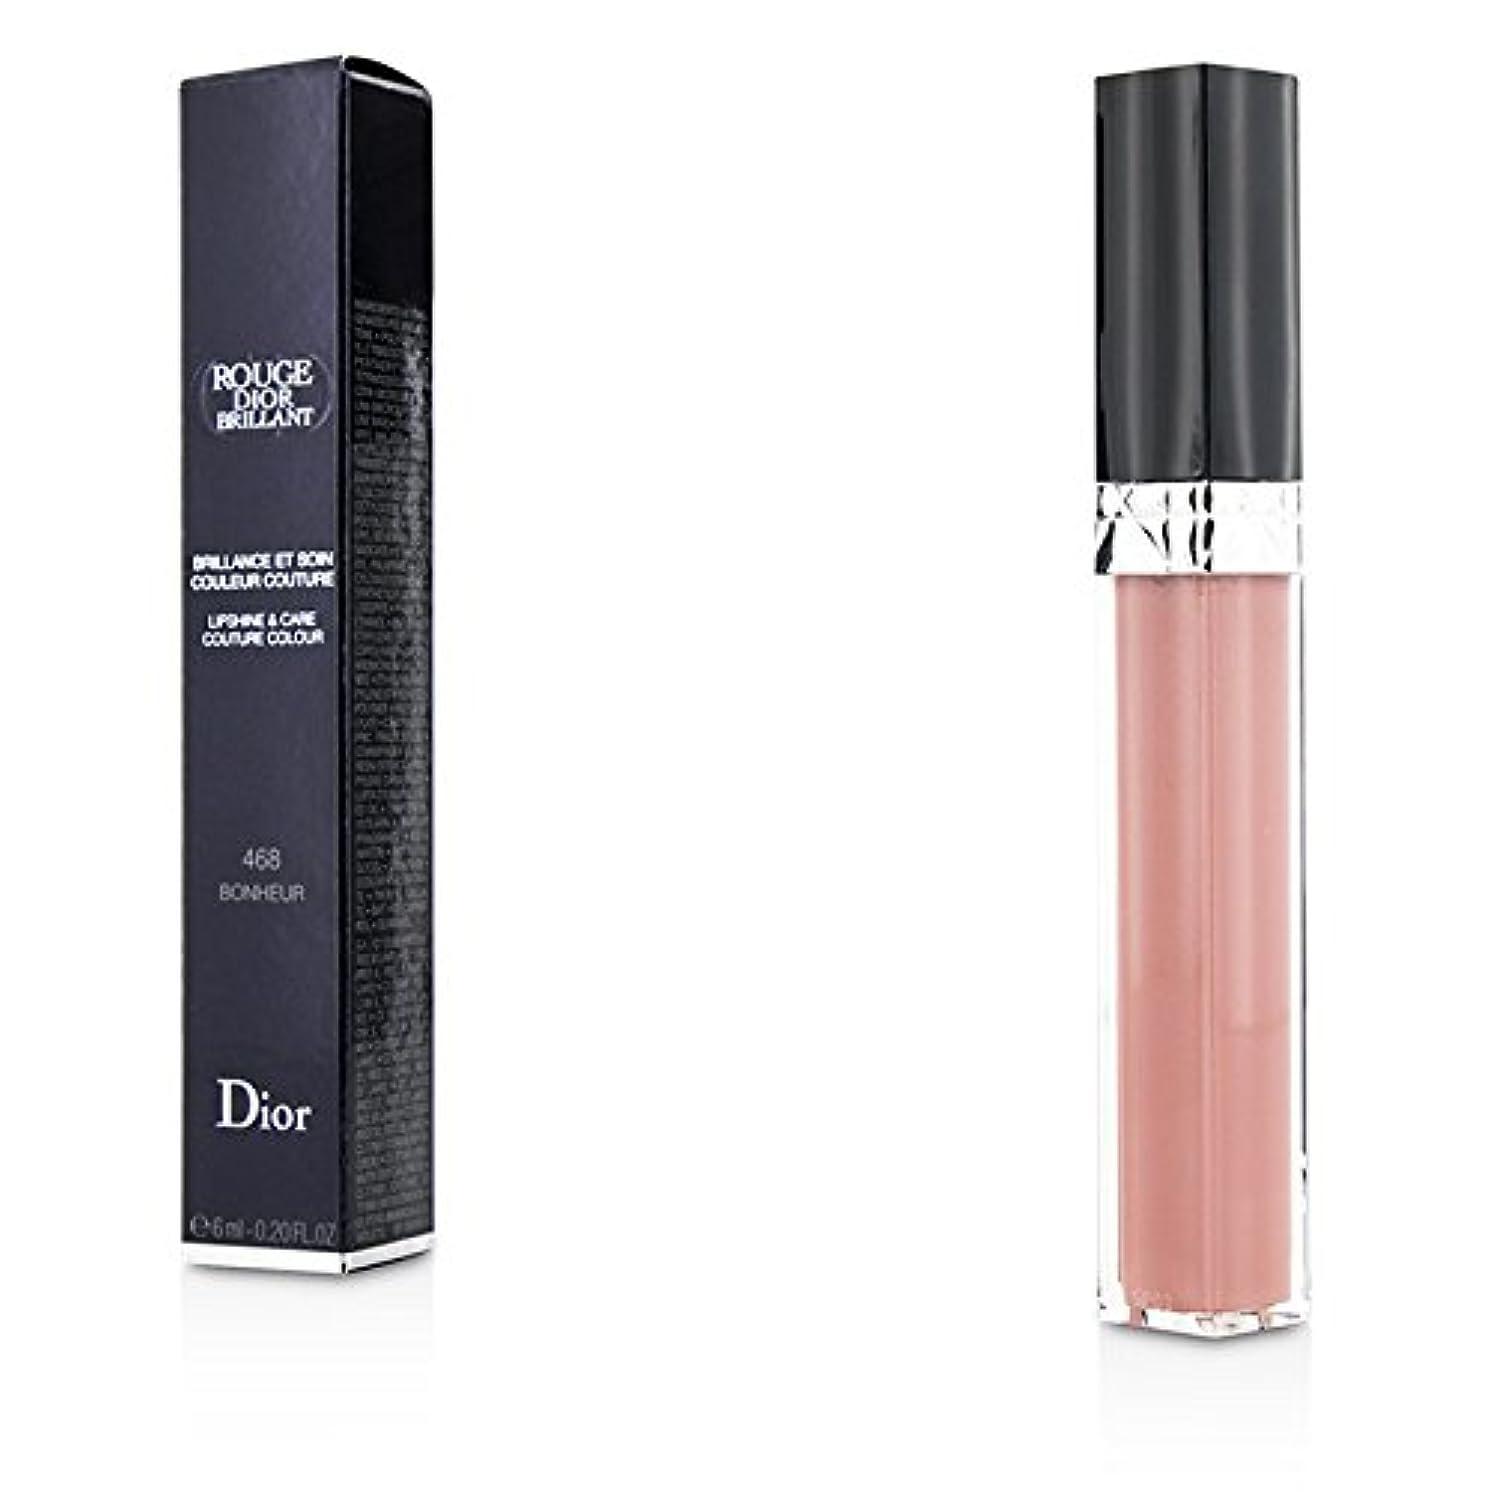 器具素朴な意図クリスチャンディオール Rouge Dior Brillant Lipgloss - # 468 Bonheur 6ml/0.2oz並行輸入品